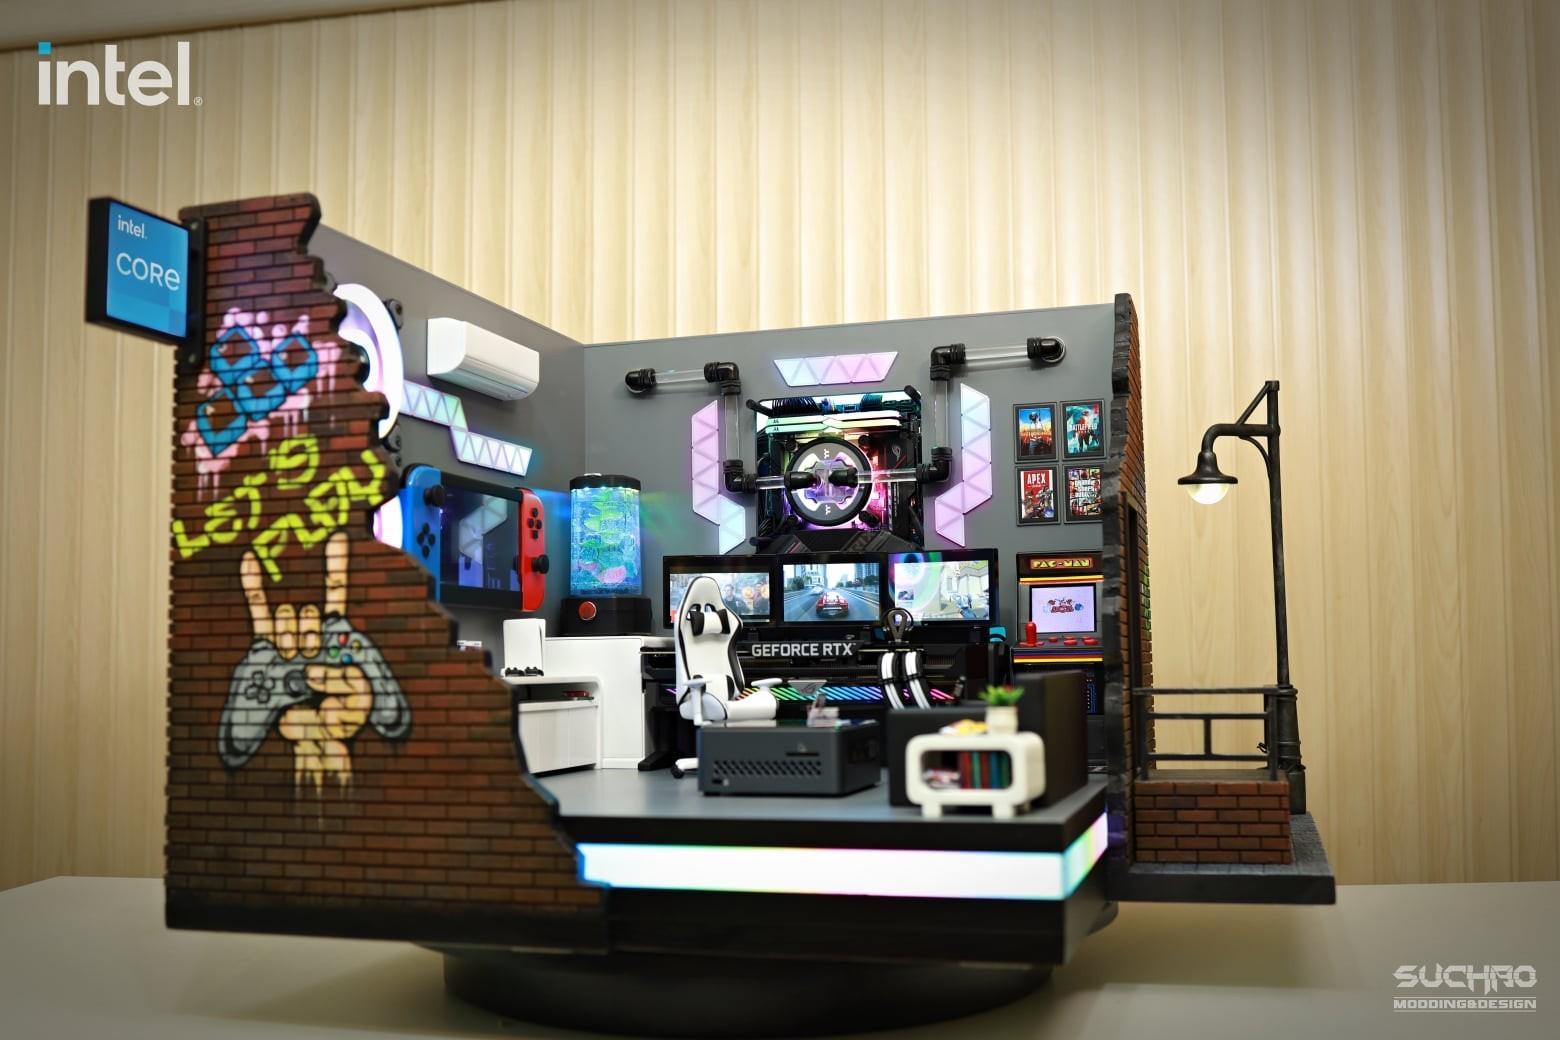 Видеокарта и процессор в качестве декора тайцы представили ПК в виде квартиры геймера